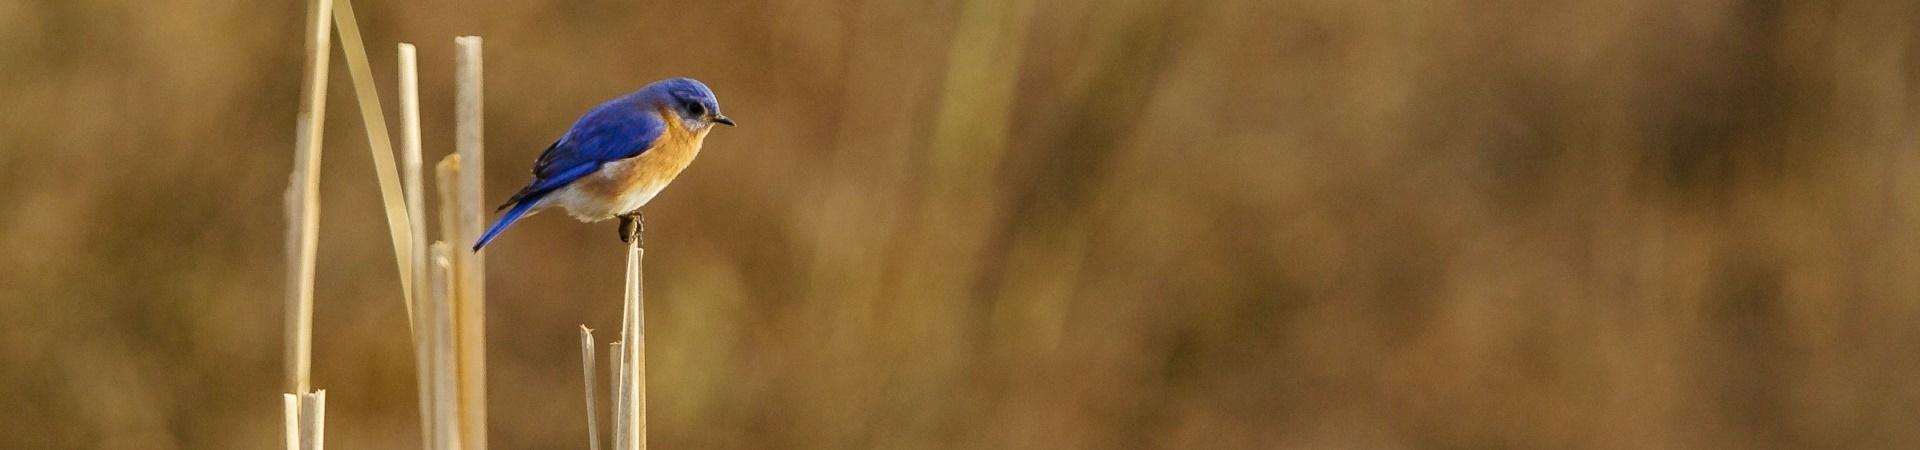 Bluebird banner 1920 x 450 prairie grass 1